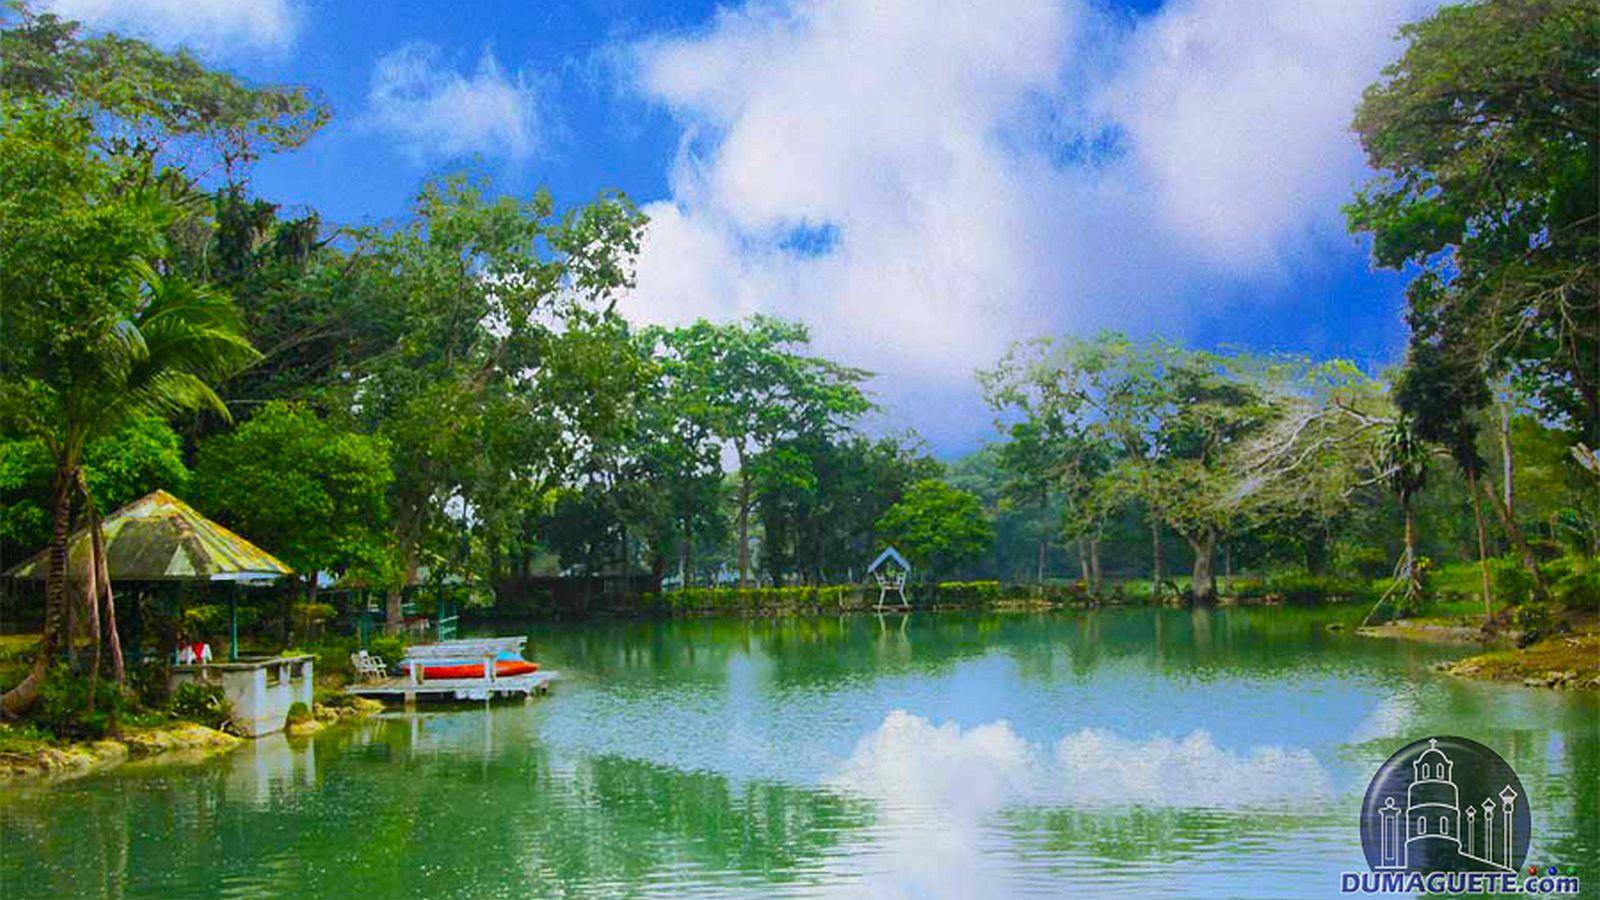 PHILIPPINEN REISEN - ORTE - NEGROS - NEGROS ORIENTAL - Touristische Beschreibung für den Ort Mabinay